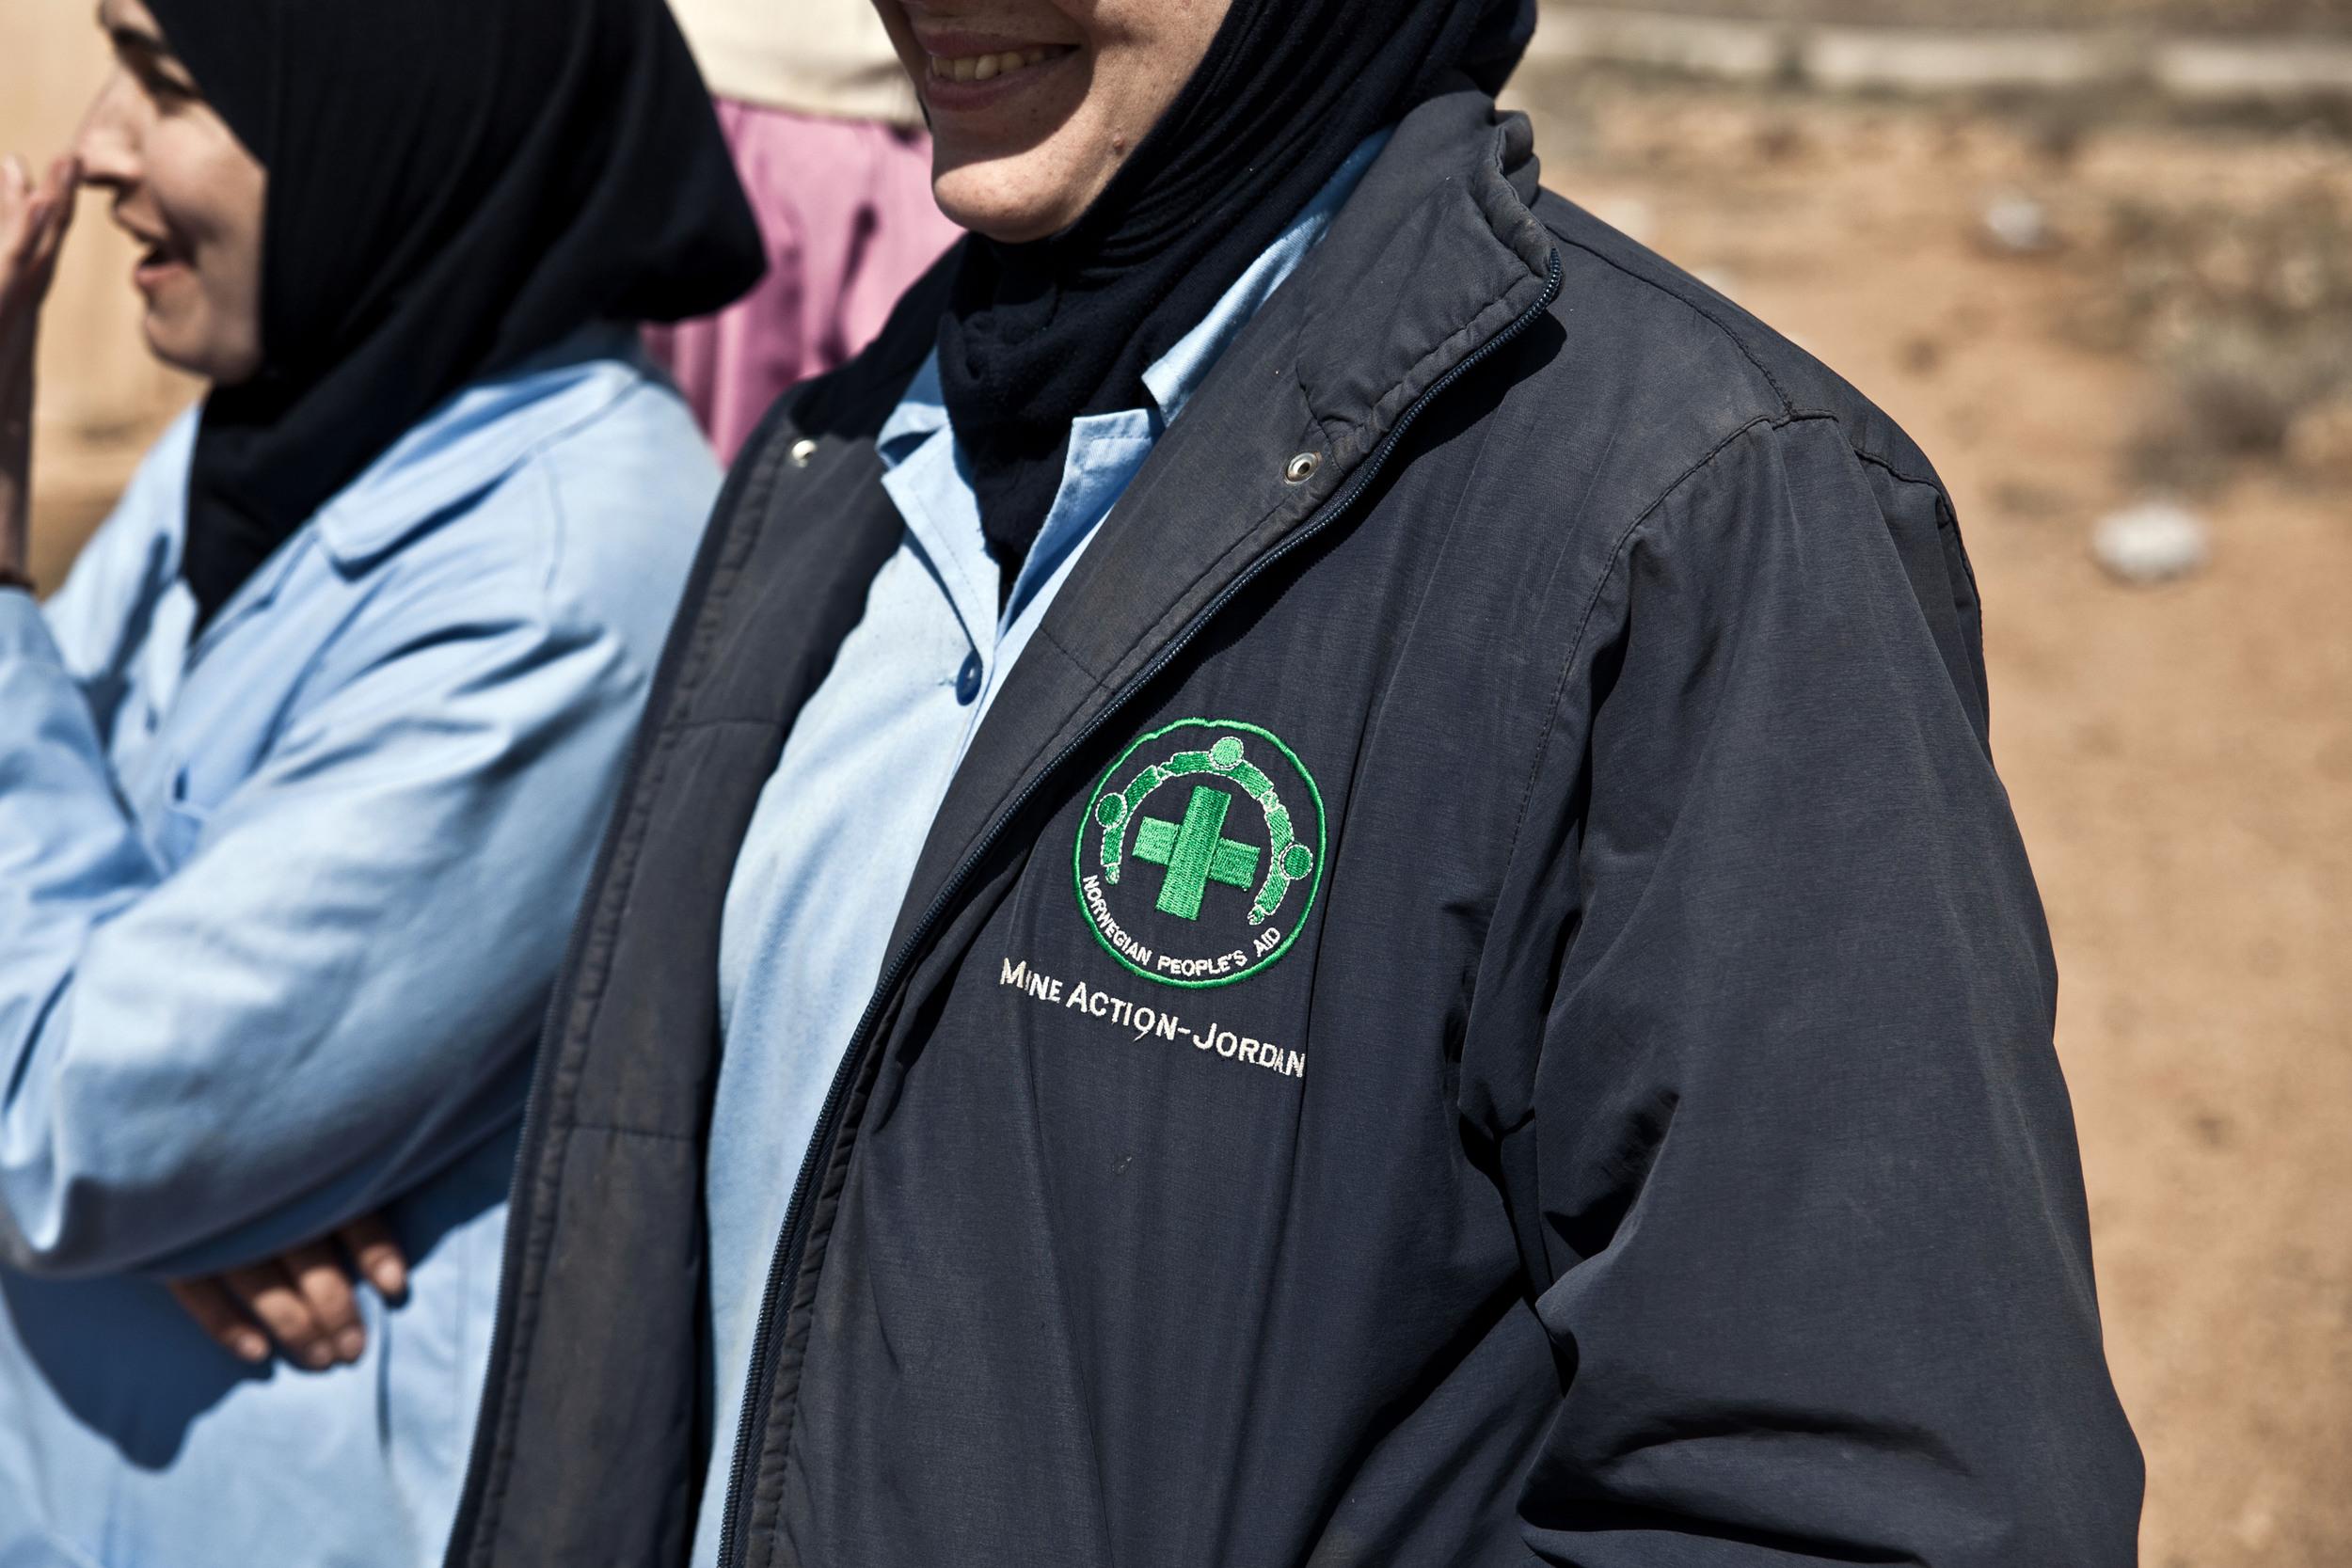 Jordan - The Female Demining Team 04.jpg